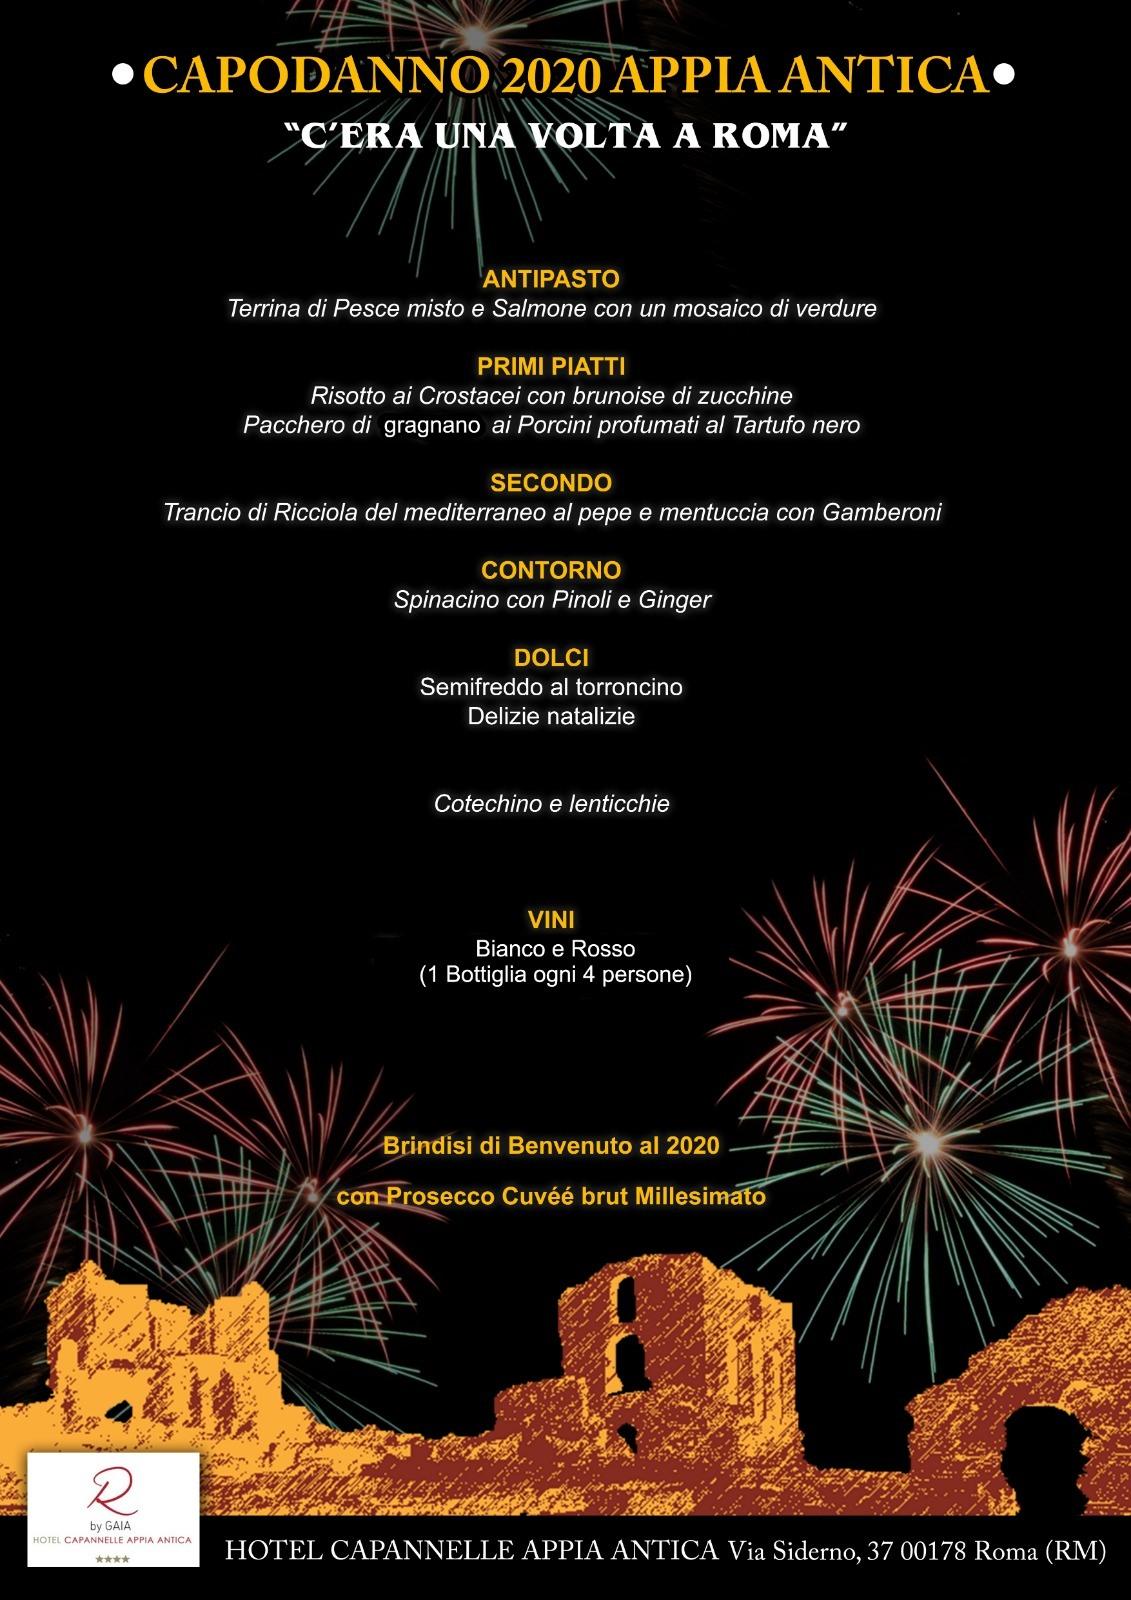 Capodanno Hotel Capannelle Roma: Cena di Gala, Party e Camere